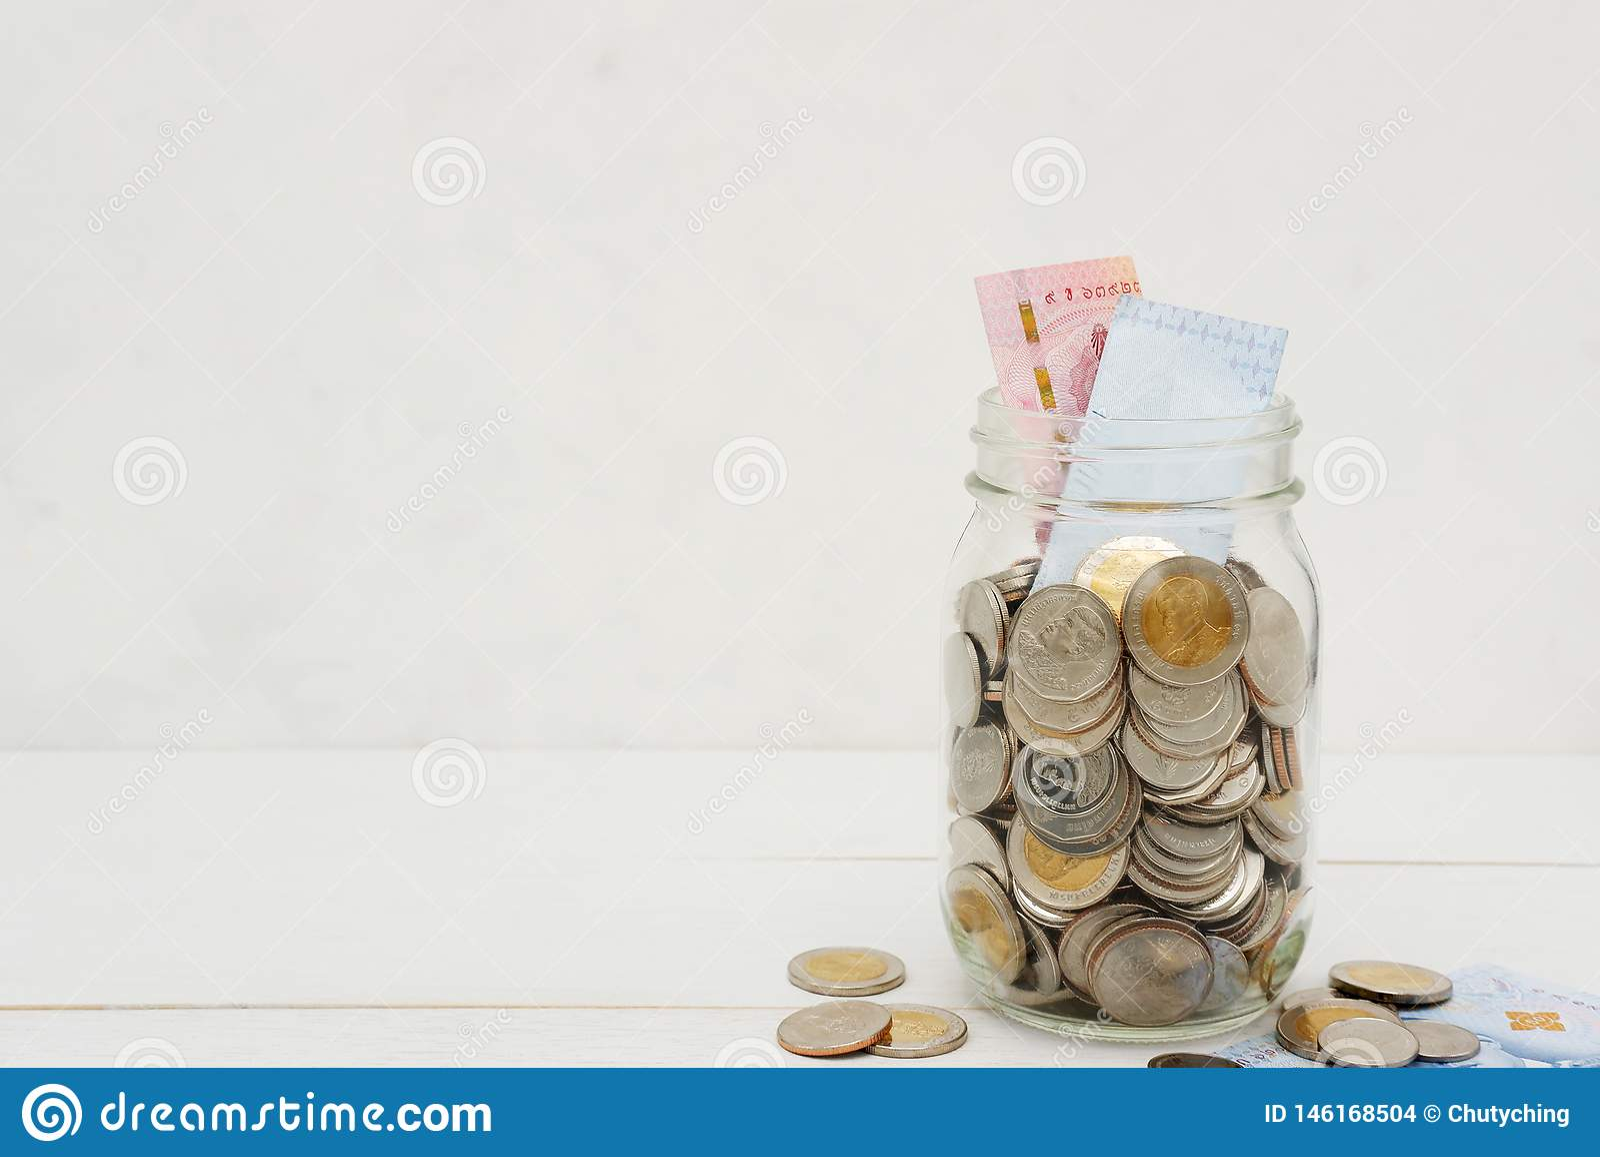 Nuove banconote e monete di baht tailandese in un barattolo di vetro, sulla tavola di legno bianca